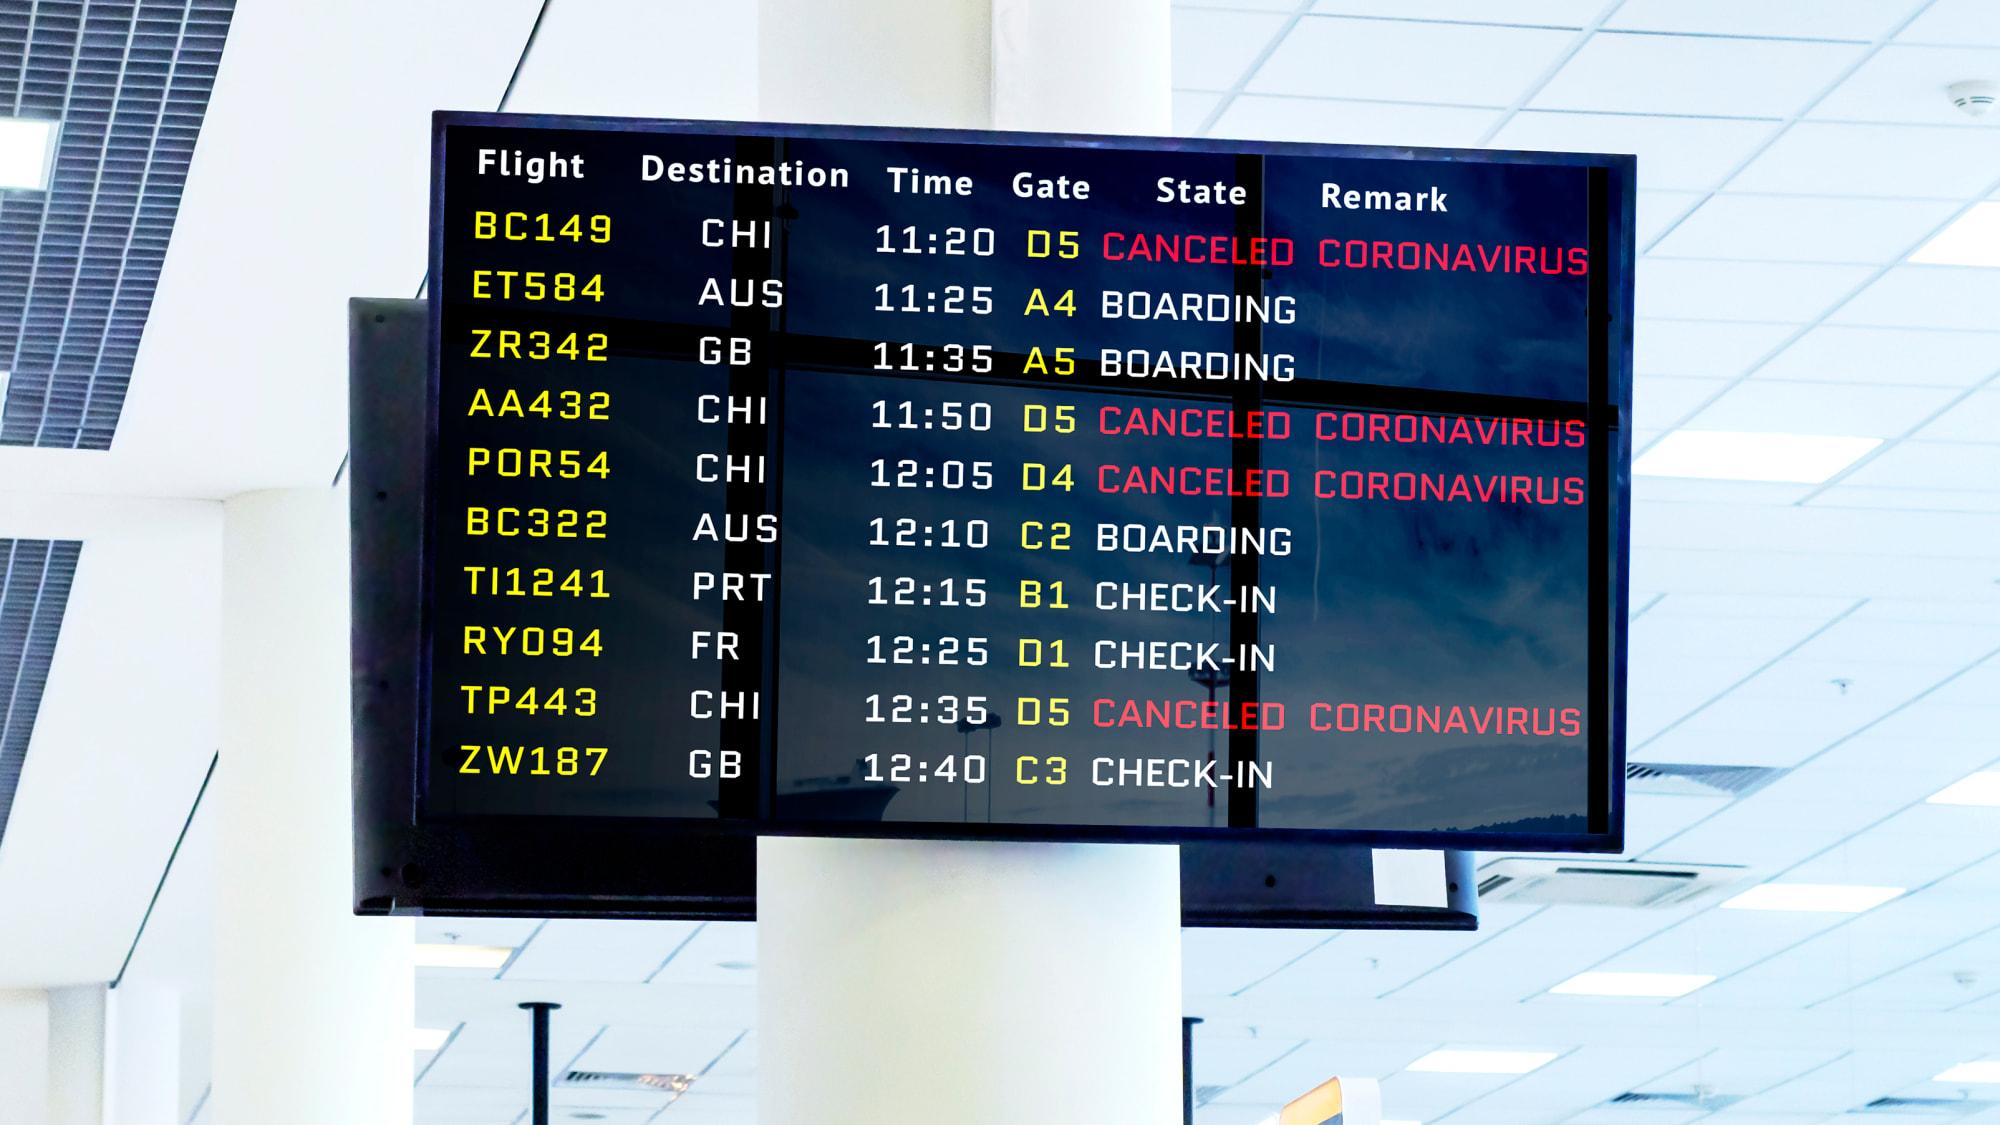 Anzeigetafel am Flughafen mit abgesagten Flügen wegen des Coronavirus